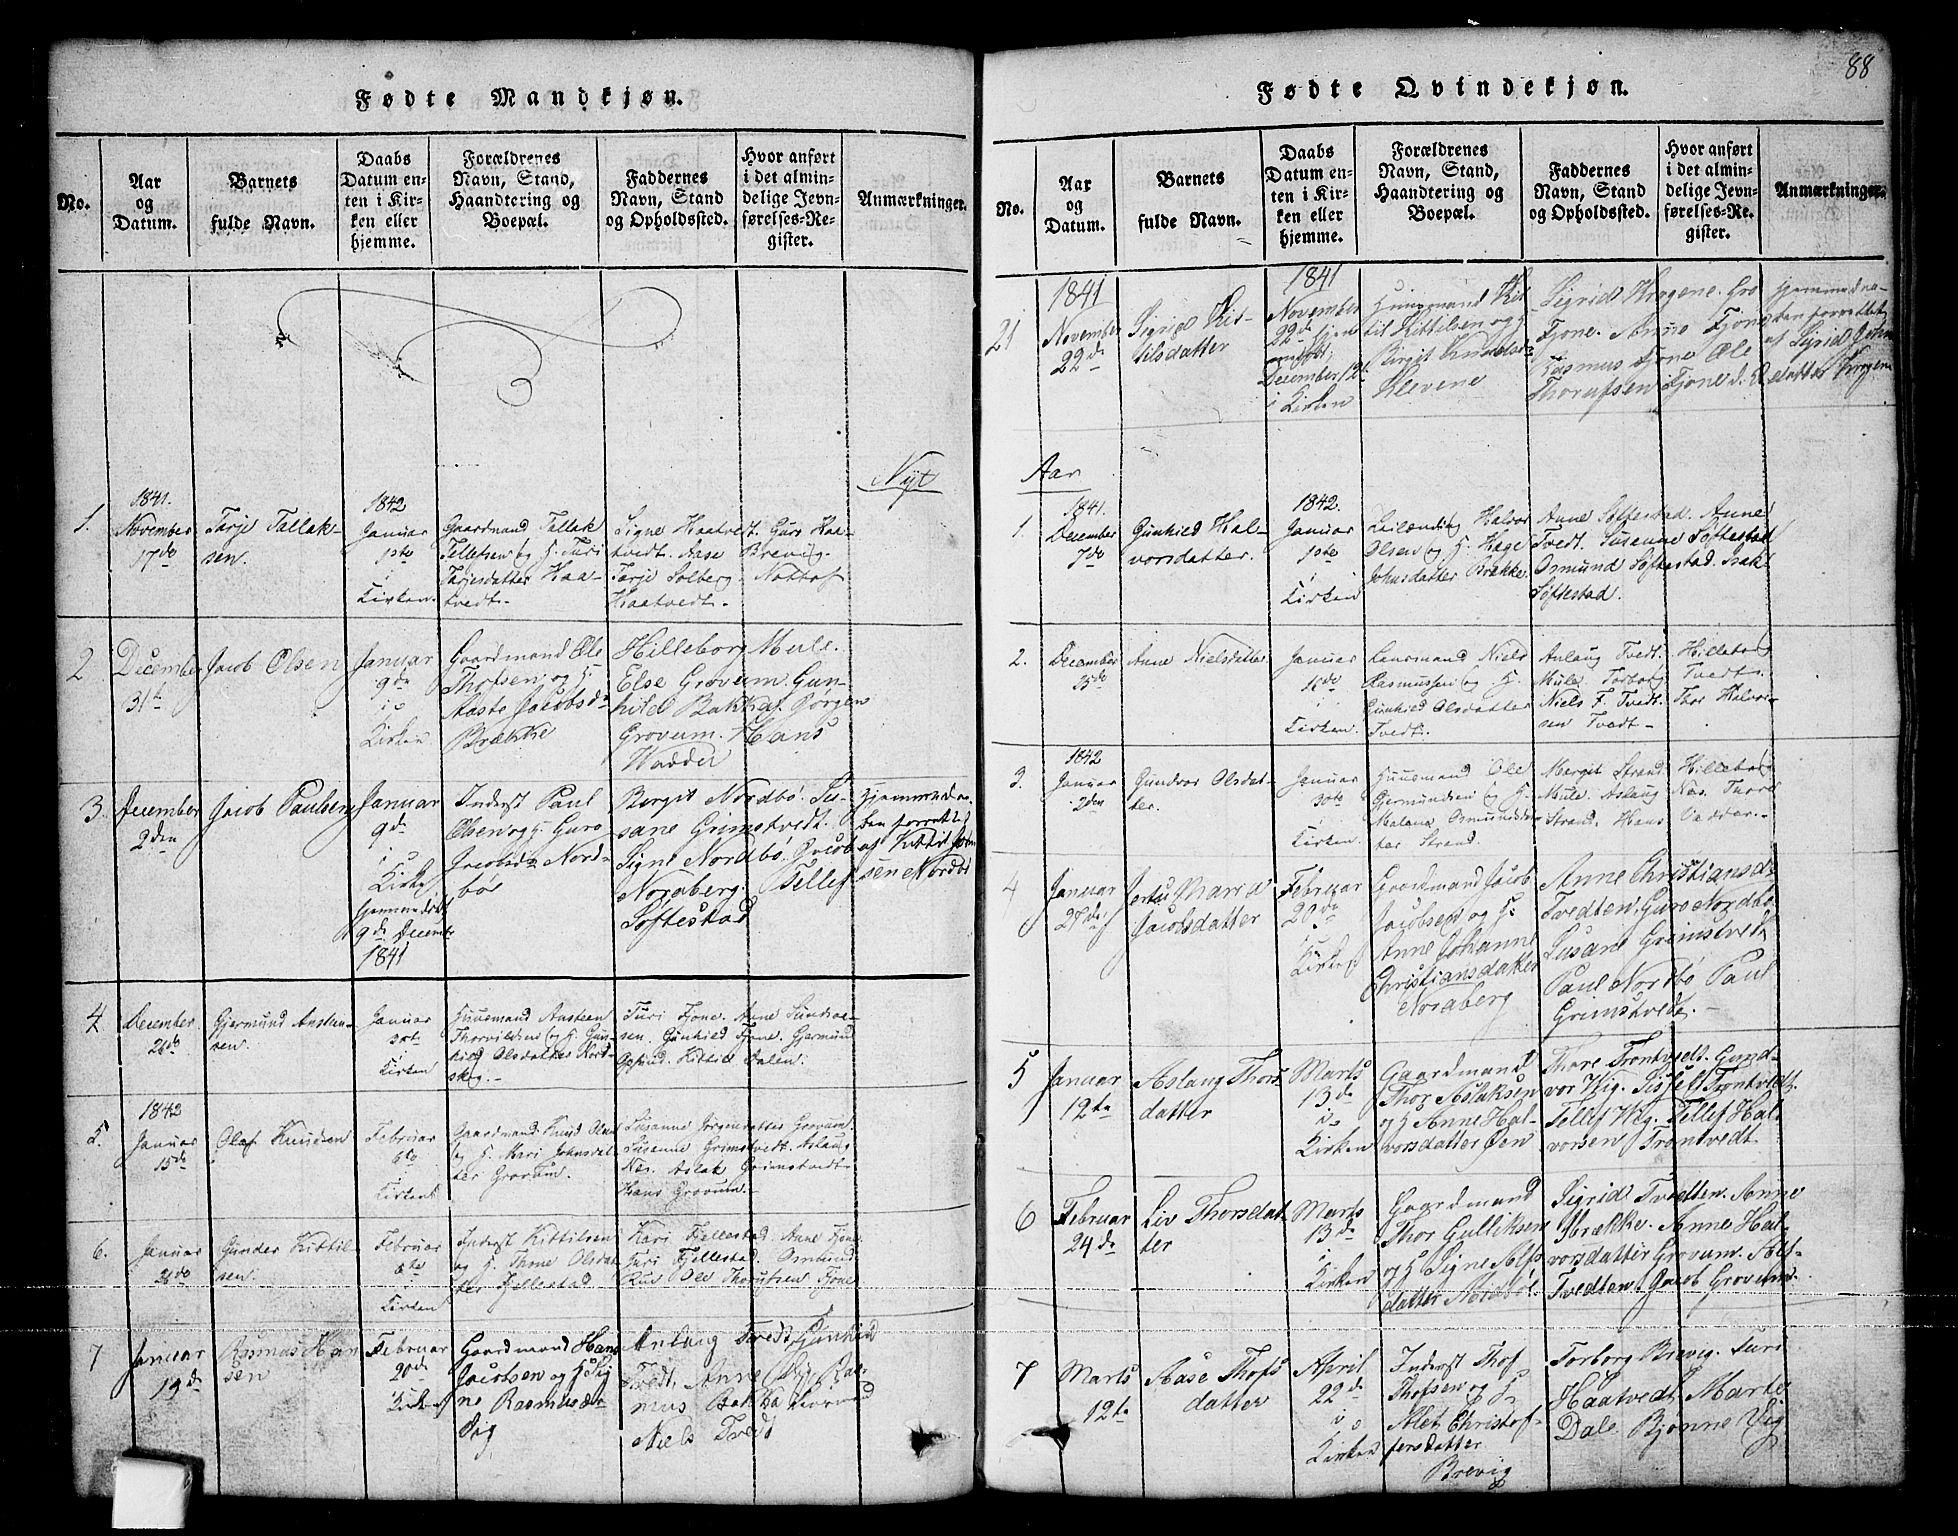 SAKO, Nissedal kirkebøker, G/Ga/L0001: Klokkerbok nr. I 1, 1814-1860, s. 88